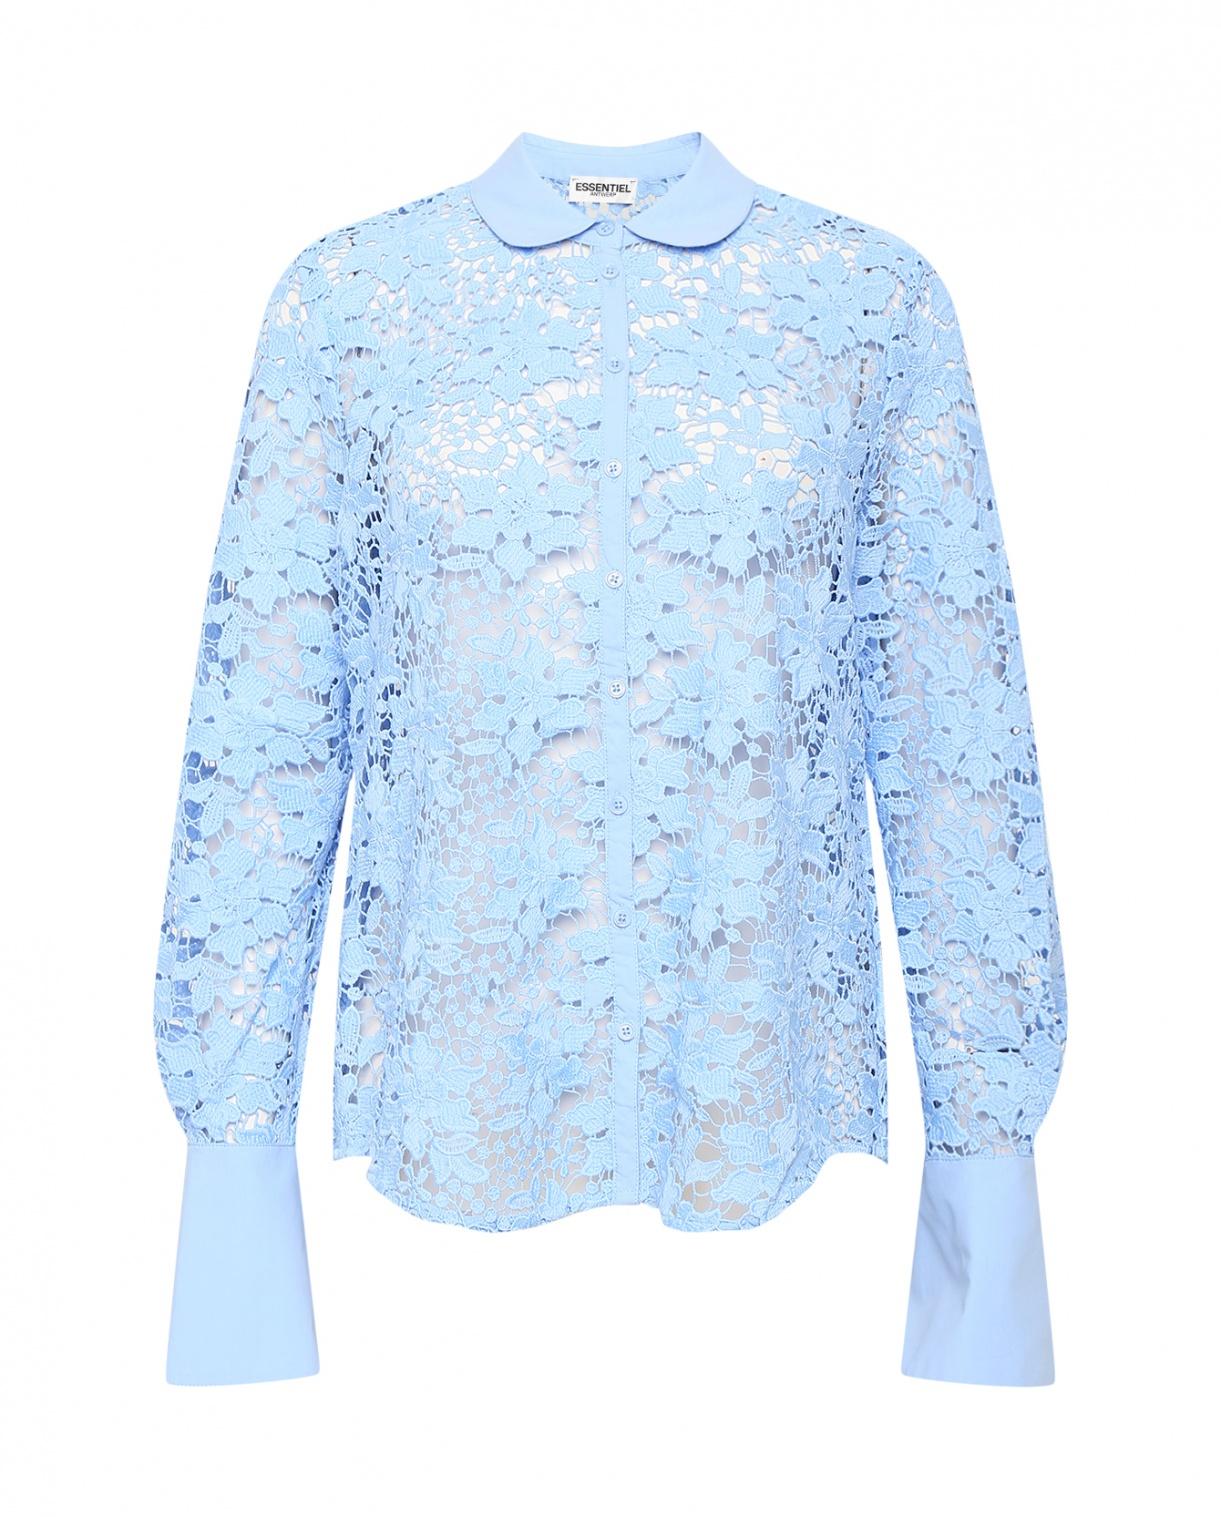 Блуза из кружева Essentiel Antwerp  –  Общий вид  – Цвет:  Синий